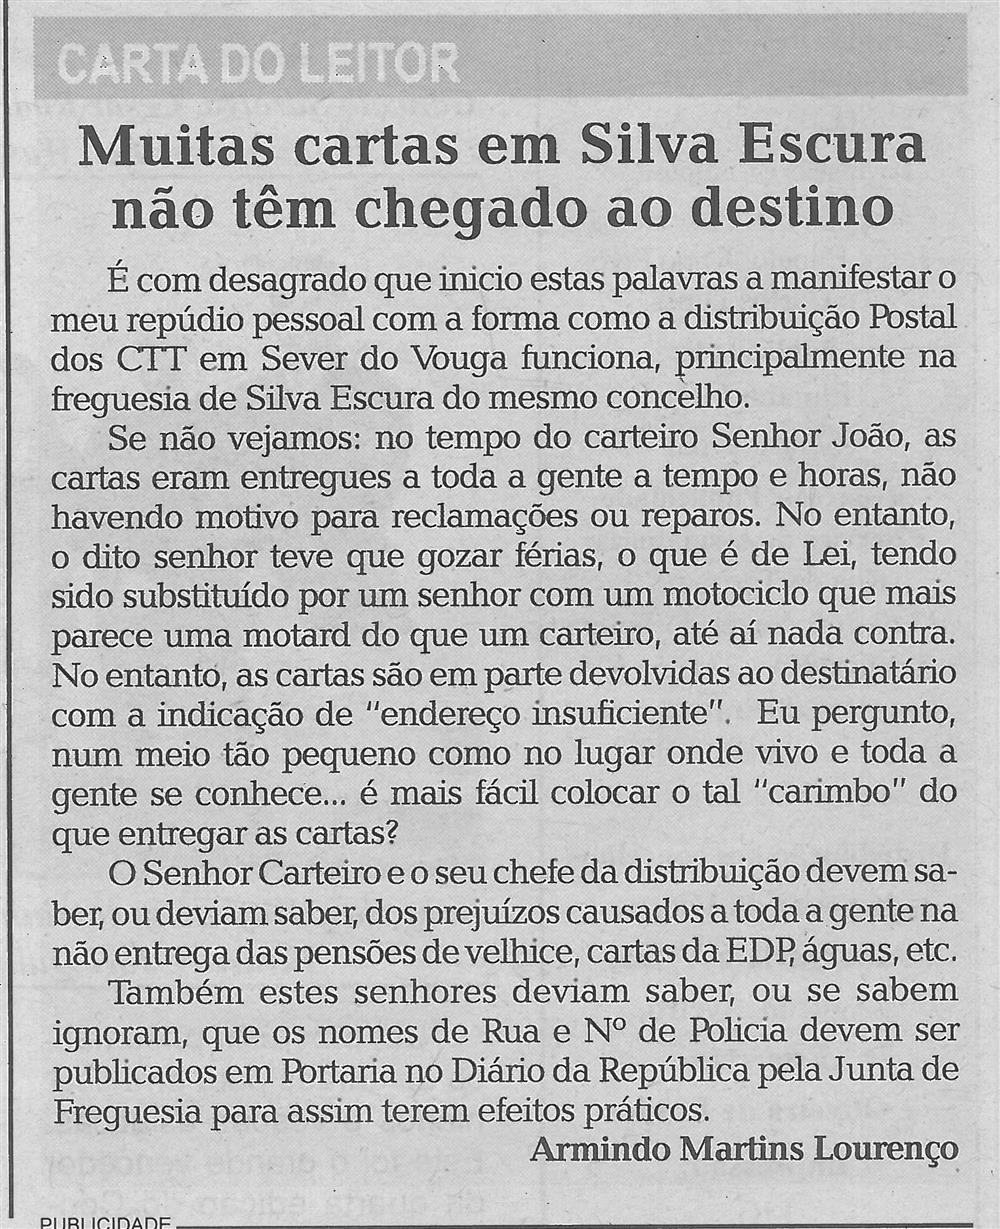 Muitas cartas em Silva Escura não têm chegado ao destino.jpg